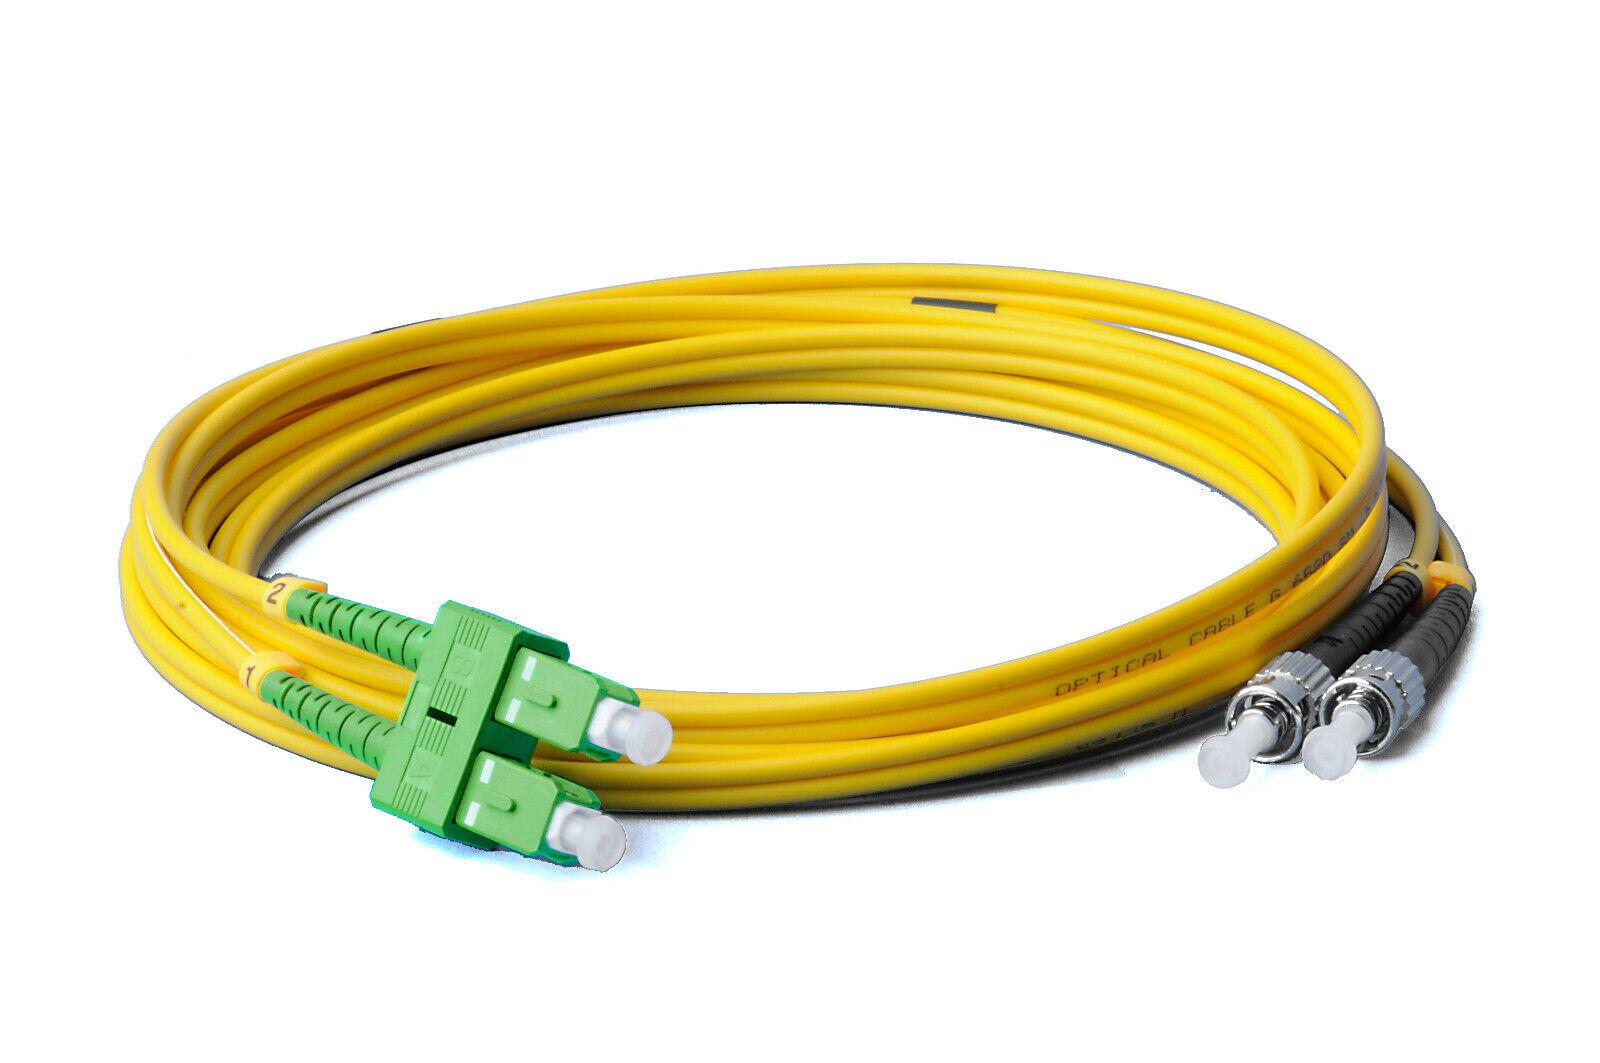 Lichtwellenleiter 15 Meter LC auf LC Stecker LWL Glasfaser-Kabel 15m OS2 gelb Duplex 9//125 Patchkabel